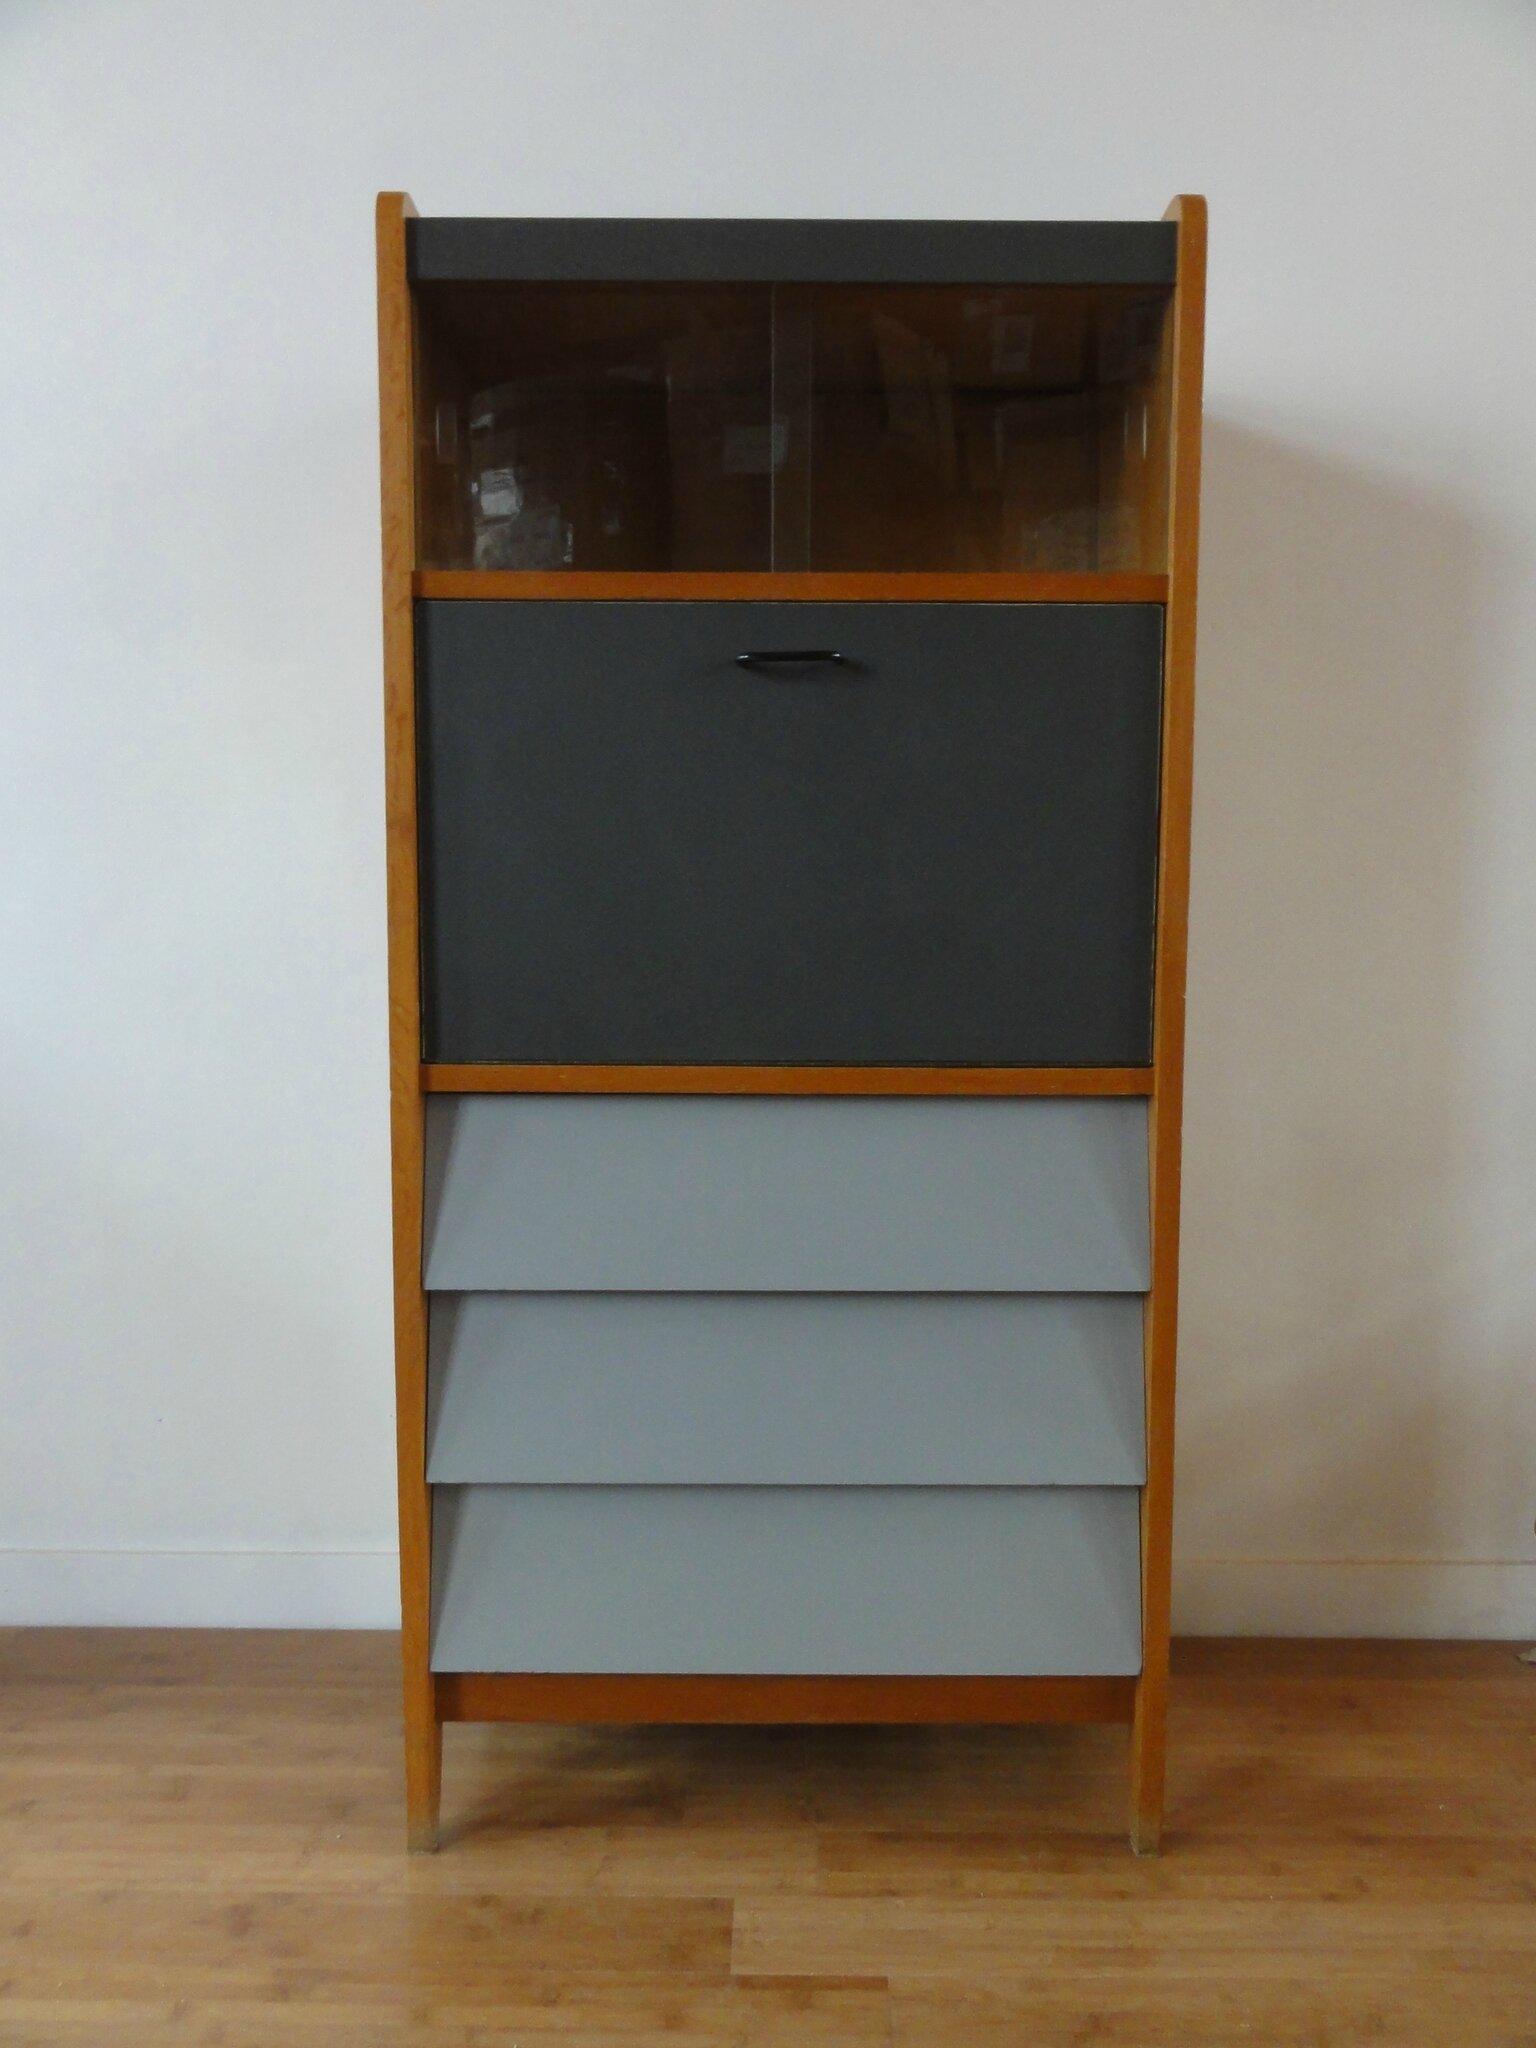 secr taire ann es 60 tous les messages sur secr taire ann es 60 vintage moi. Black Bedroom Furniture Sets. Home Design Ideas